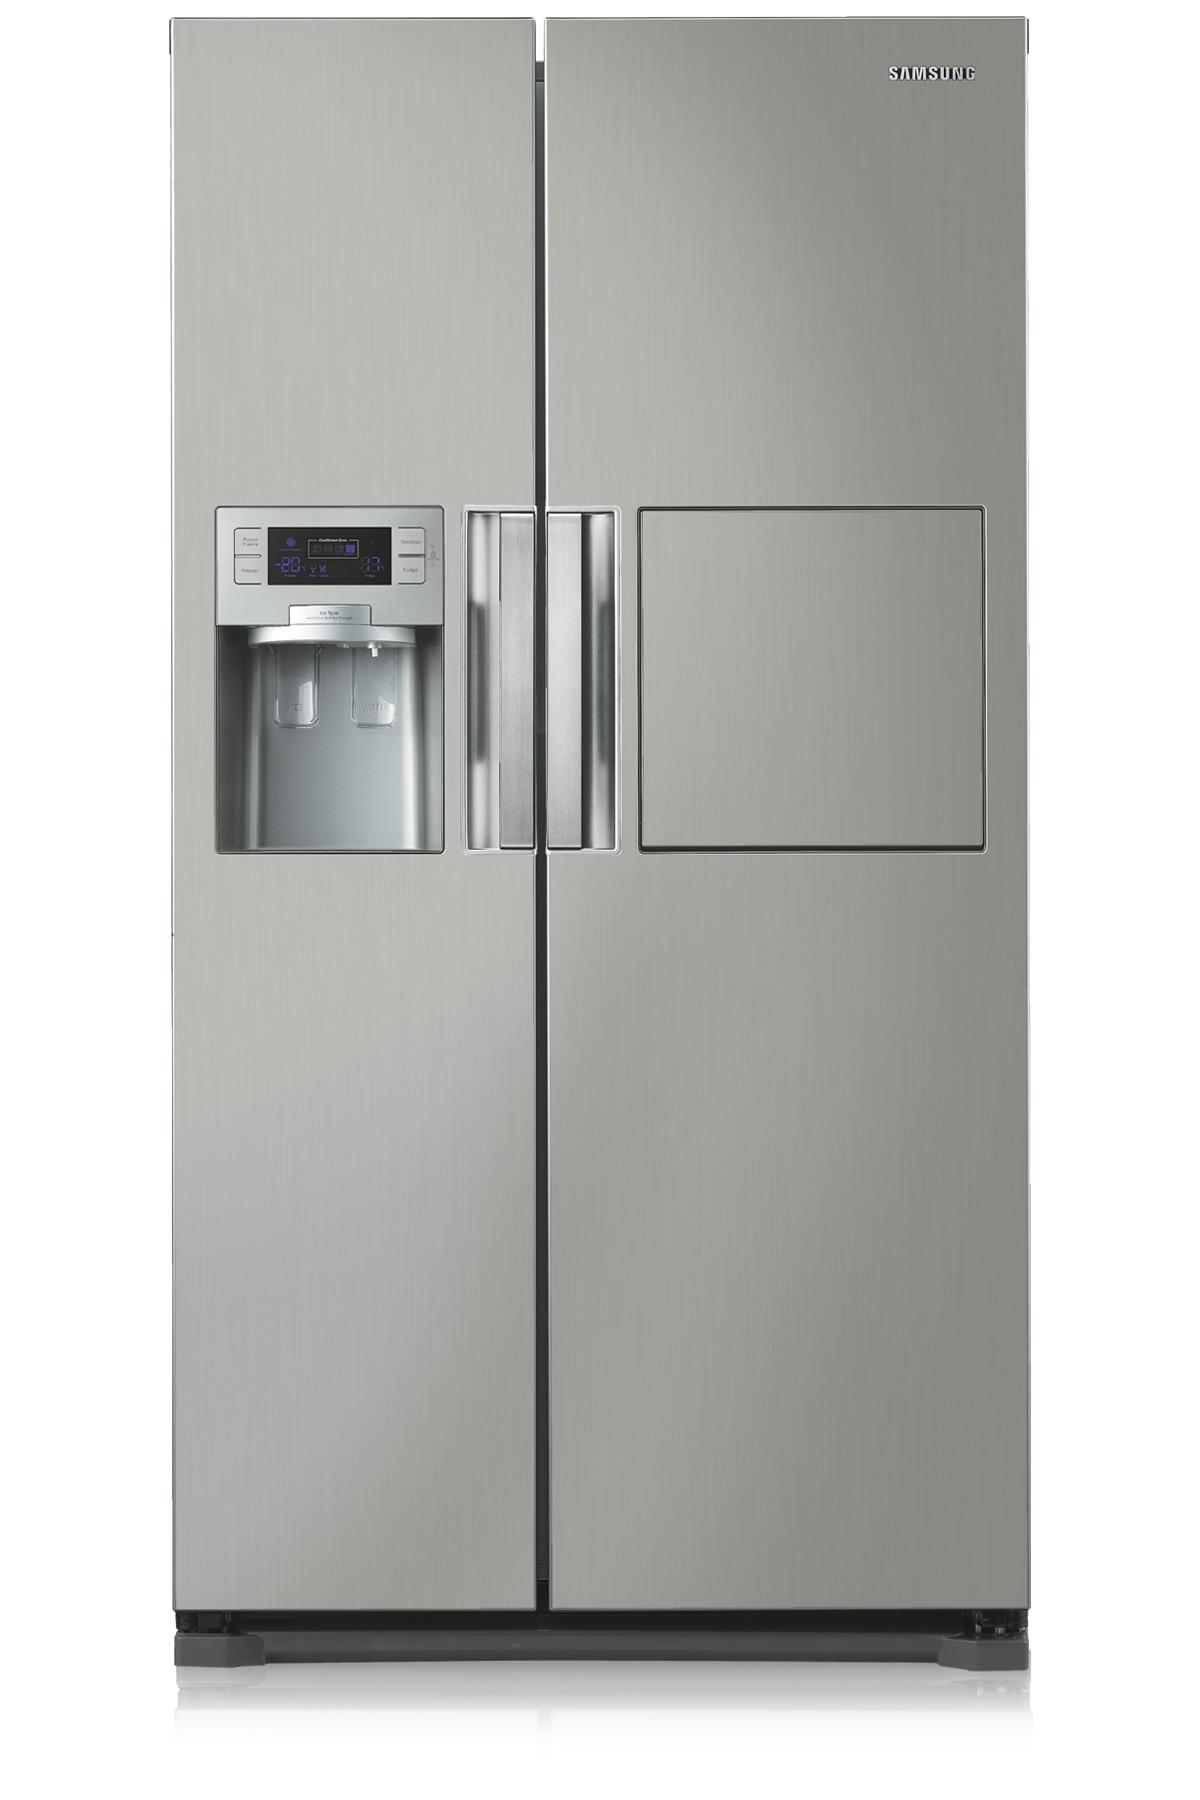 Samsung Rsh7znpn Side By Side Refrigerator Samsung Gulf